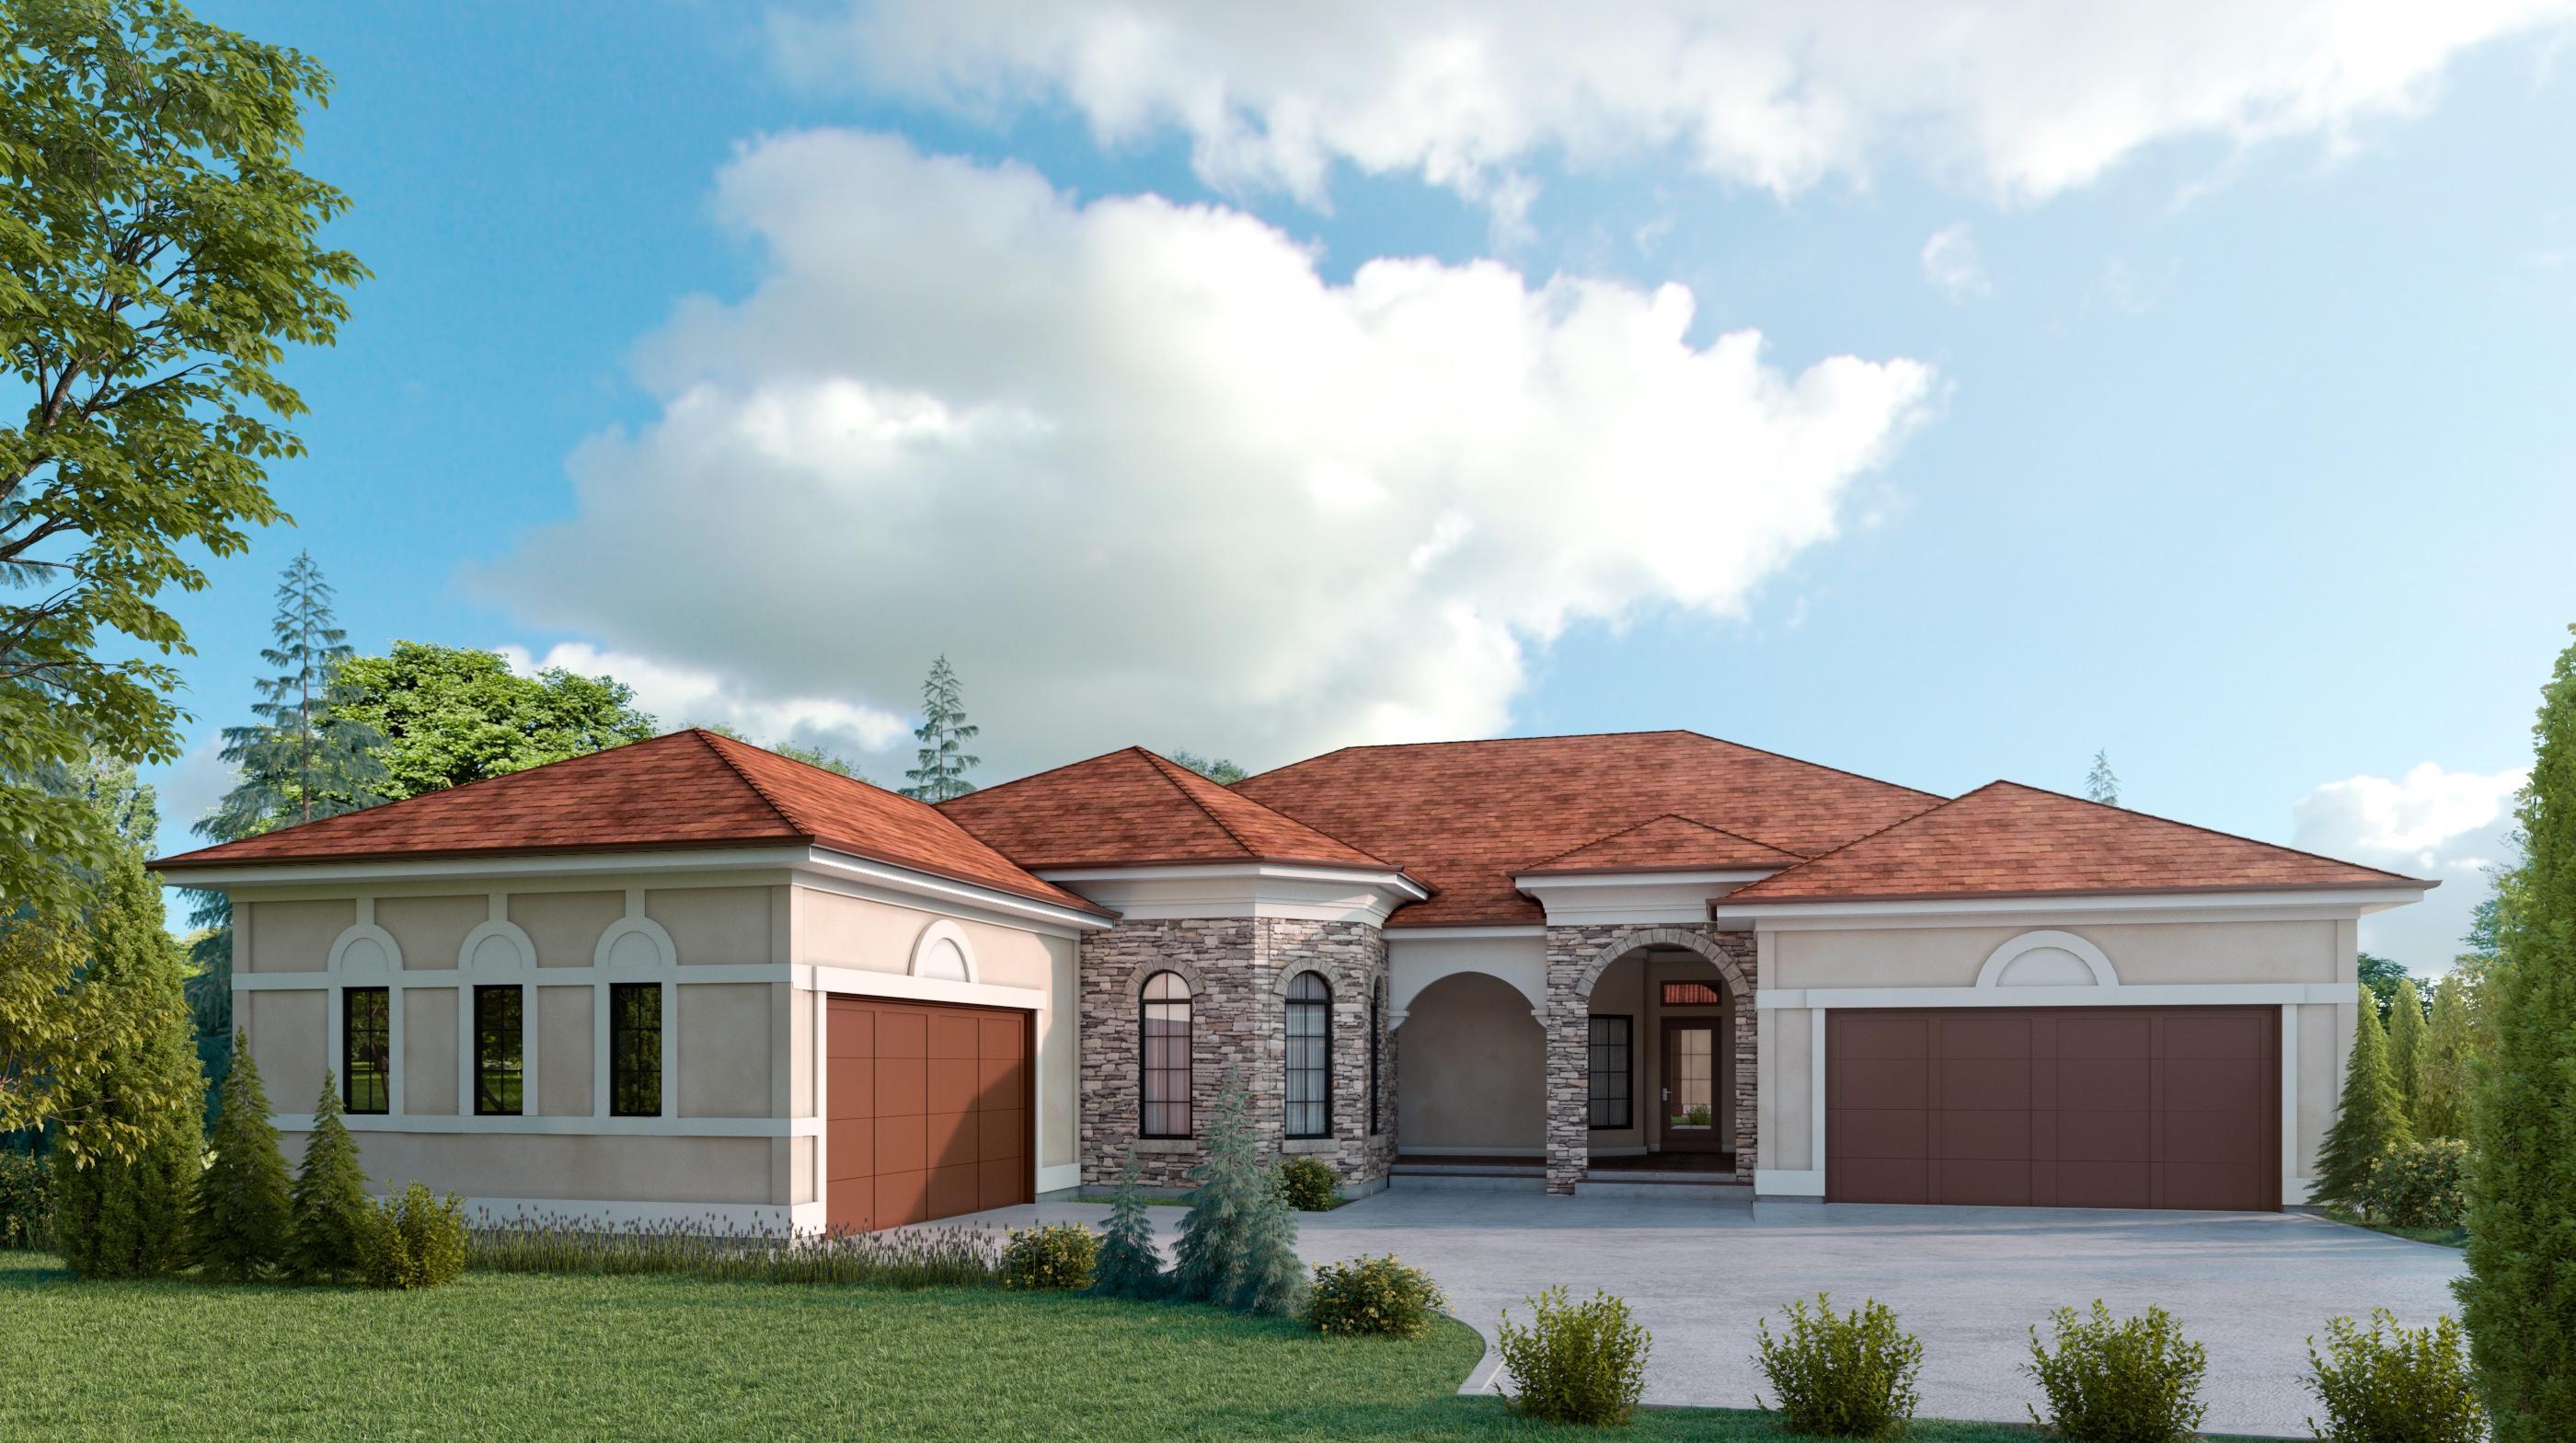 1640 Toscano Ter, Oconomowoc, Wisconsin 53066, 2 Bedrooms Bedrooms, ,2 BathroomsBathrooms,Condominiums,For Sale,Toscano Ter,1,1706959